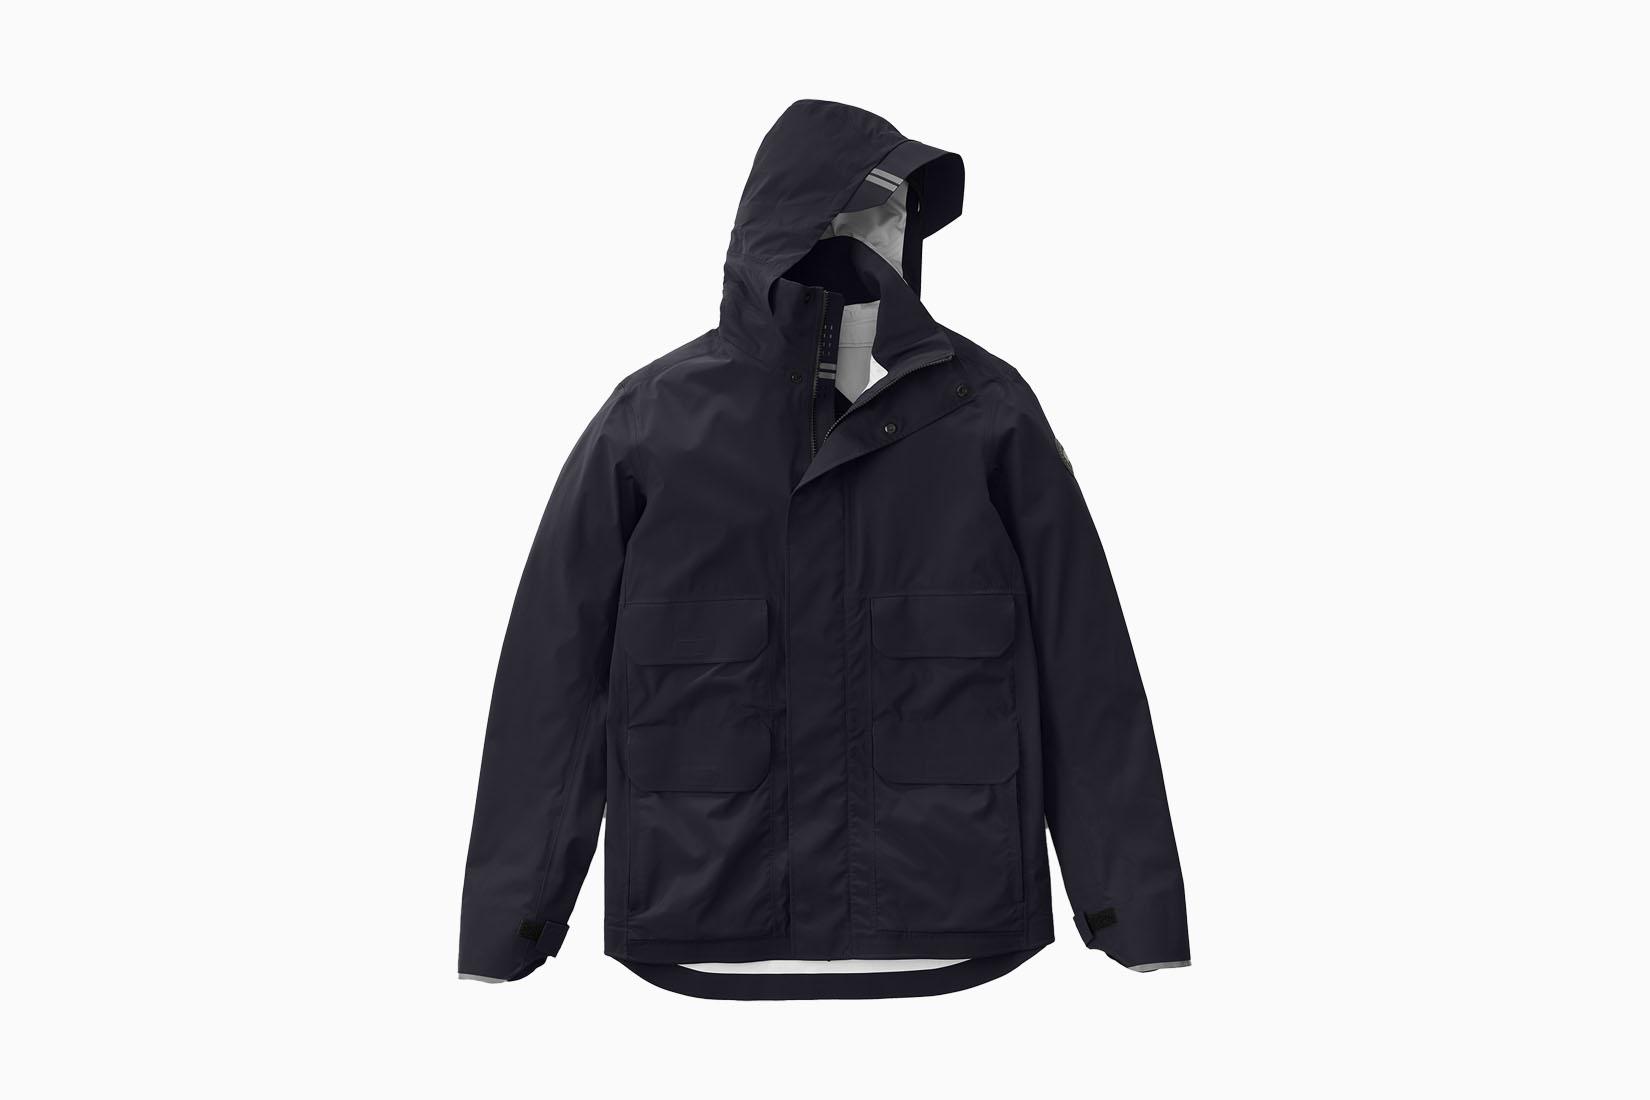 best men trench coats canada goose waterproof review Luxe Digital